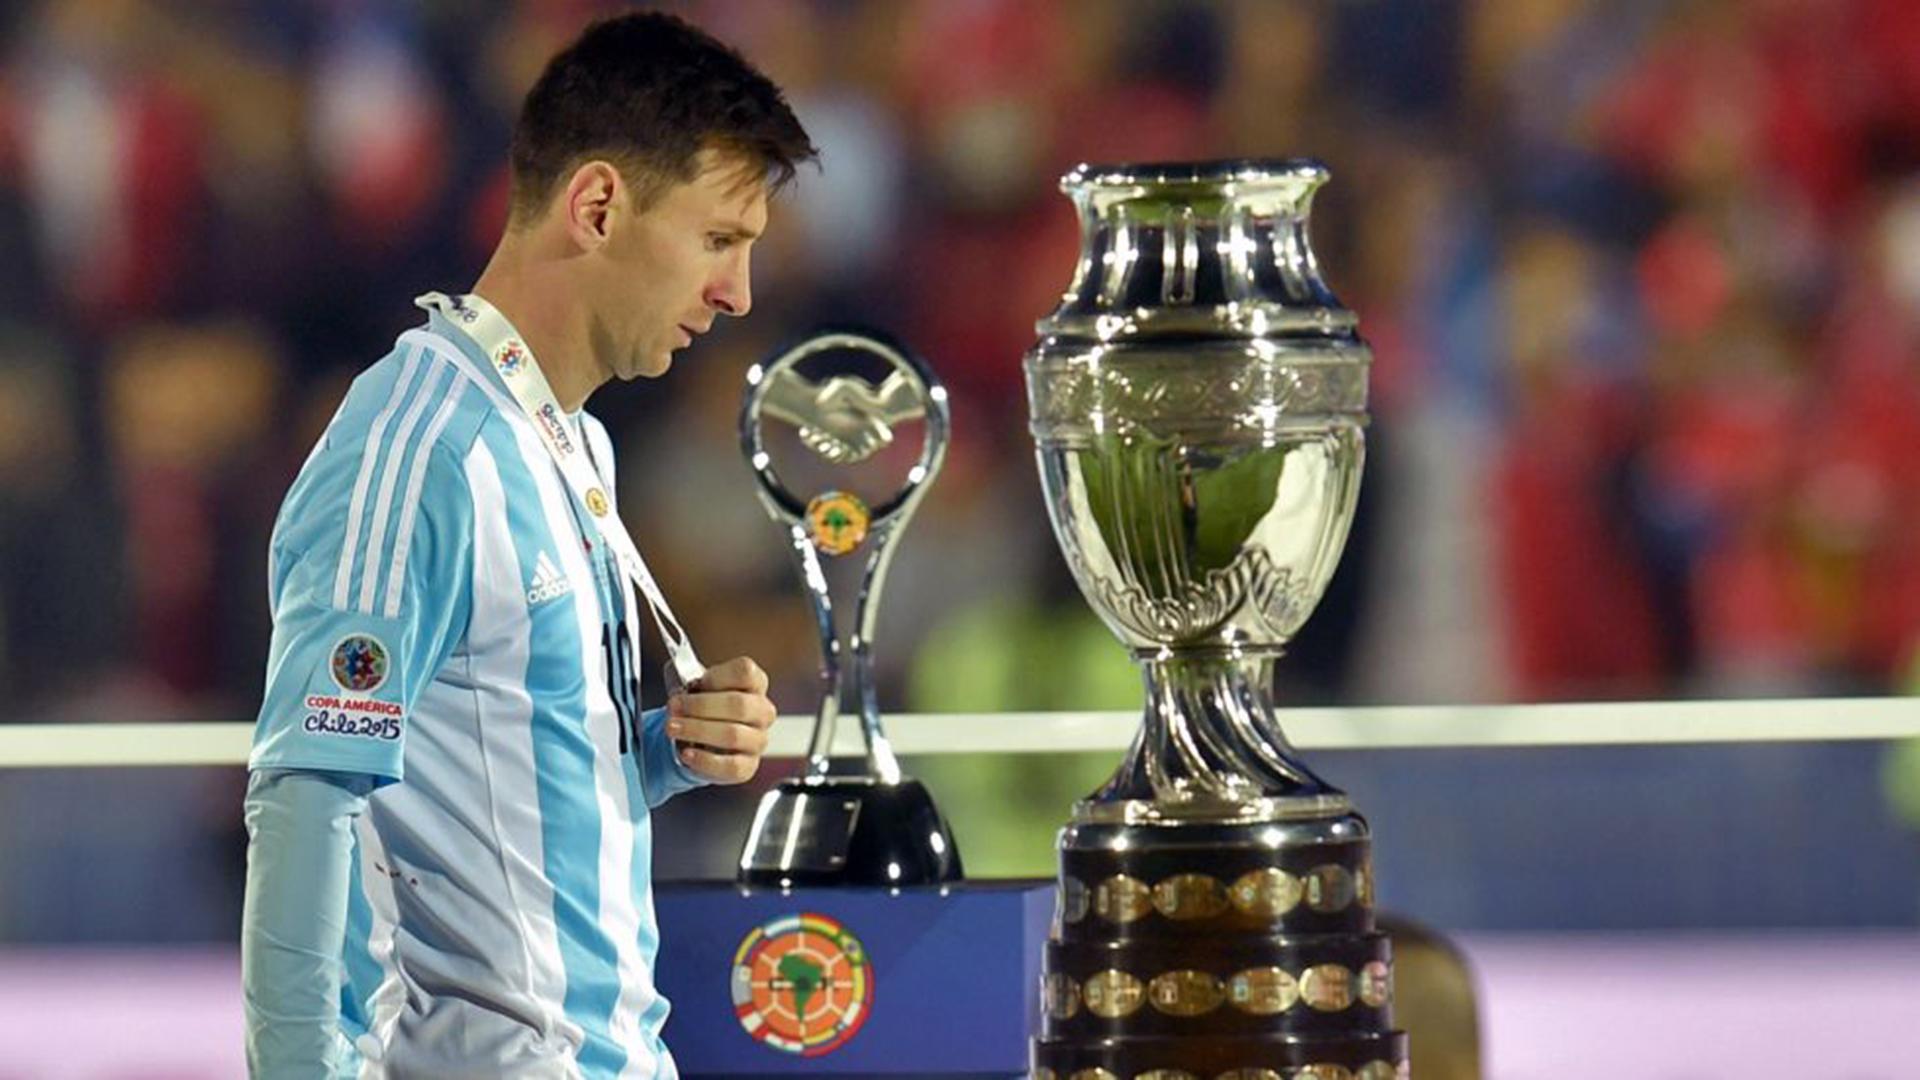 Las cuatro finales que Messi perdió con la selección argentina - Infobae